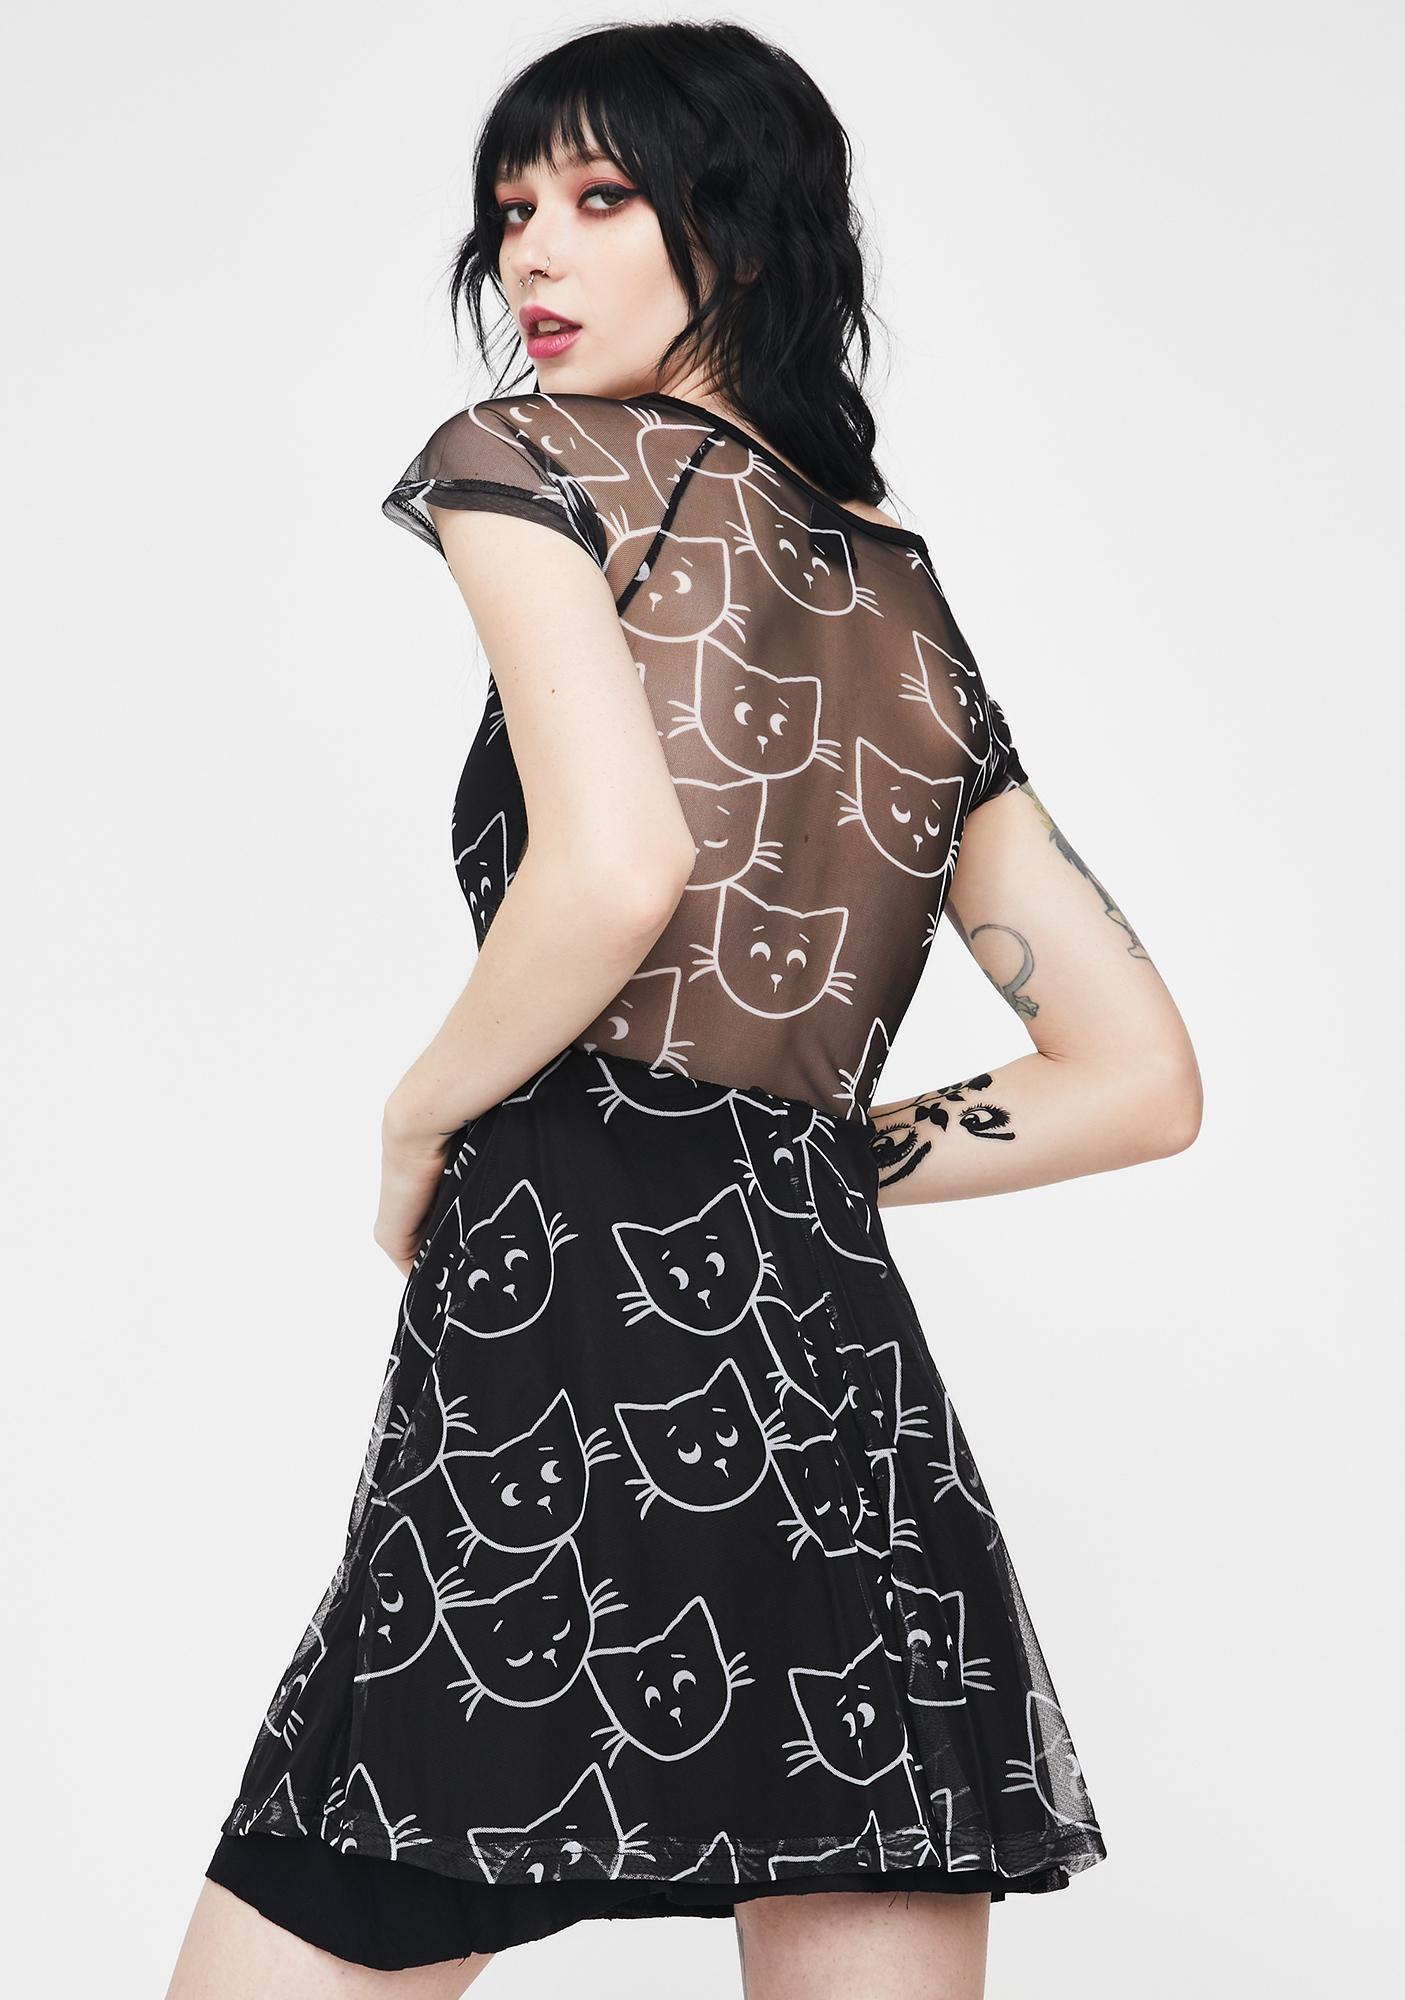 Fearless Illustration Side Eye Skater Dress